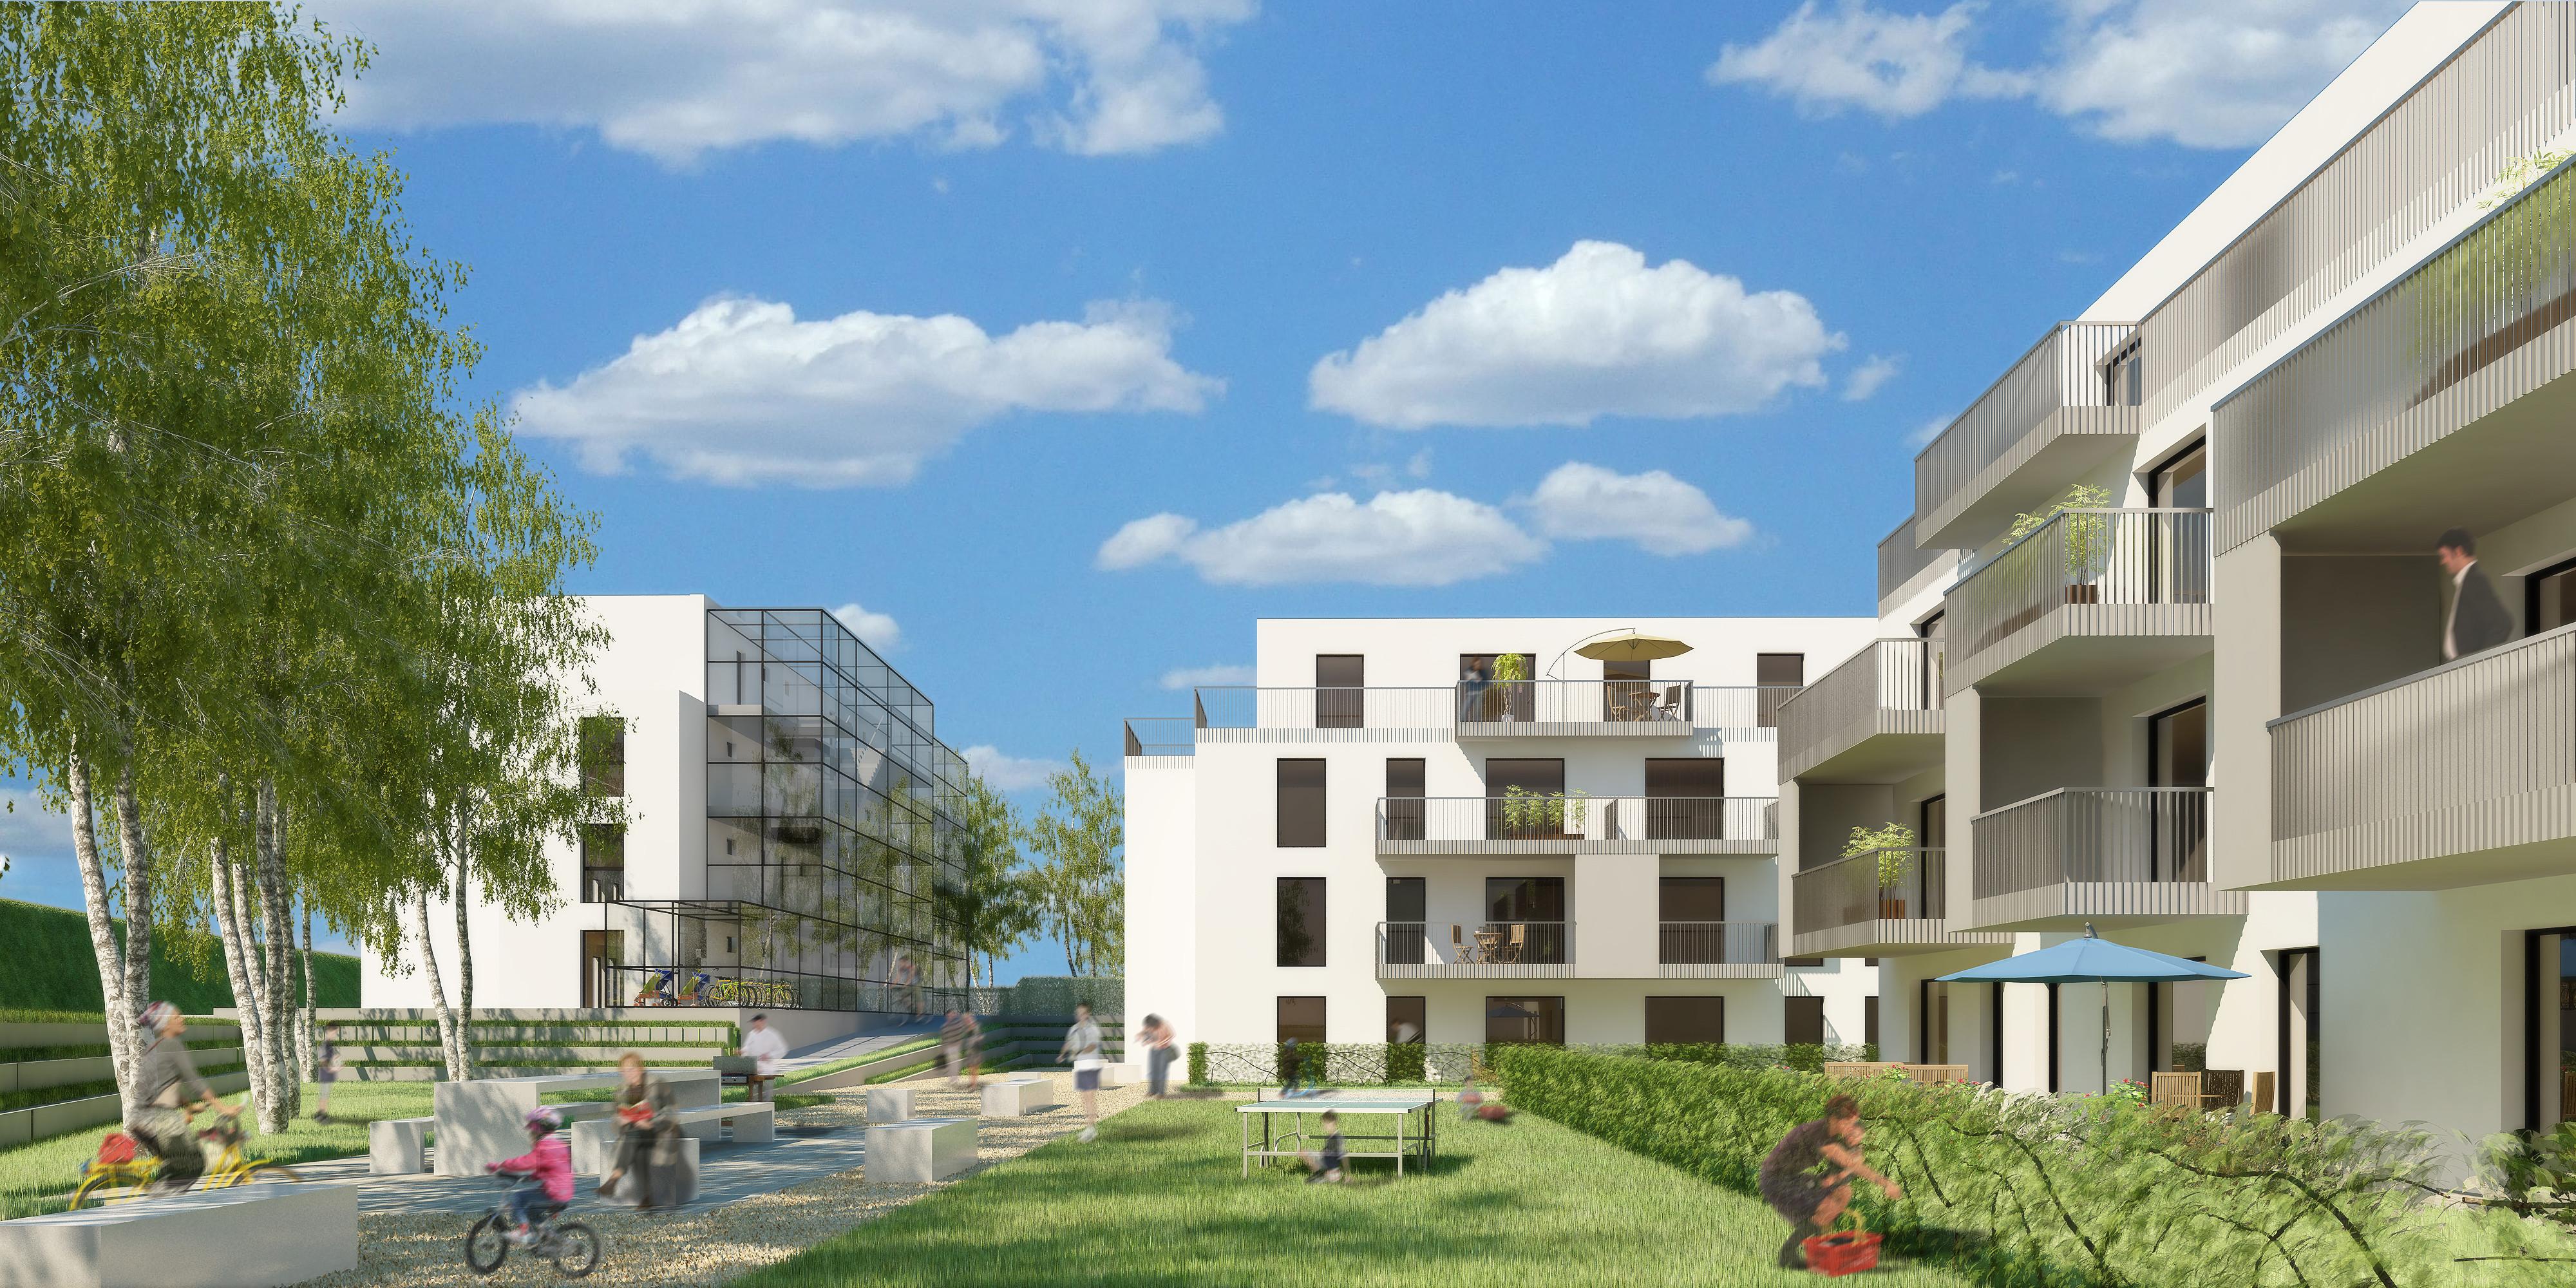 <p>© RUNSER / PRANTL architekten, Passiv Wohnhausanlage, 2130 Mistelbach, Niederösterreich, Österreich, Wettbewerb, 2012, Passiv Wohnhausanlage</p>